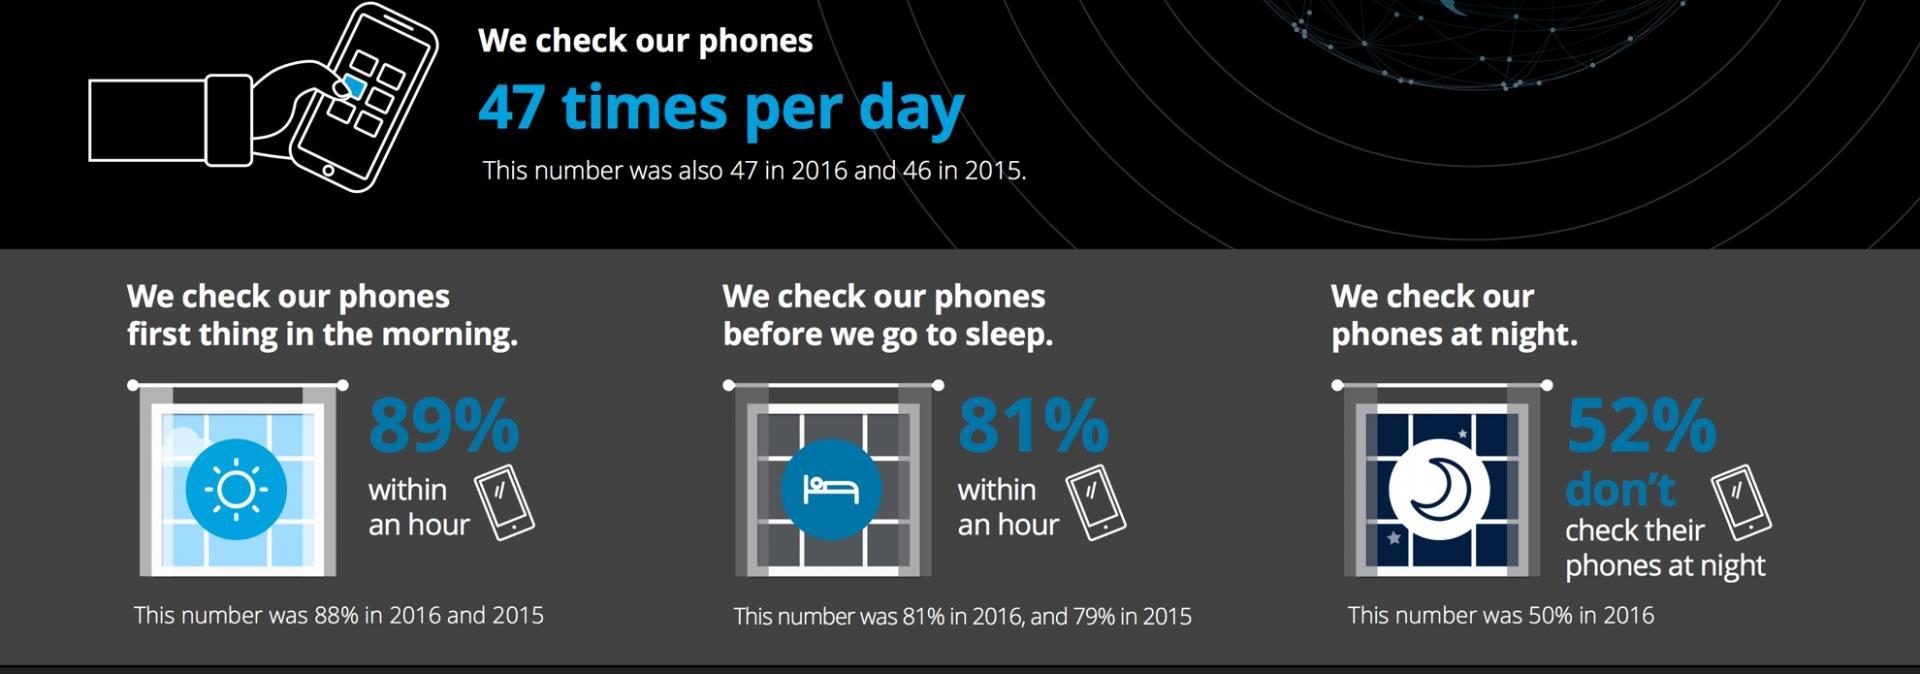 Diffusione smartphone nel mondo 2017: i dati sull'utilizzo